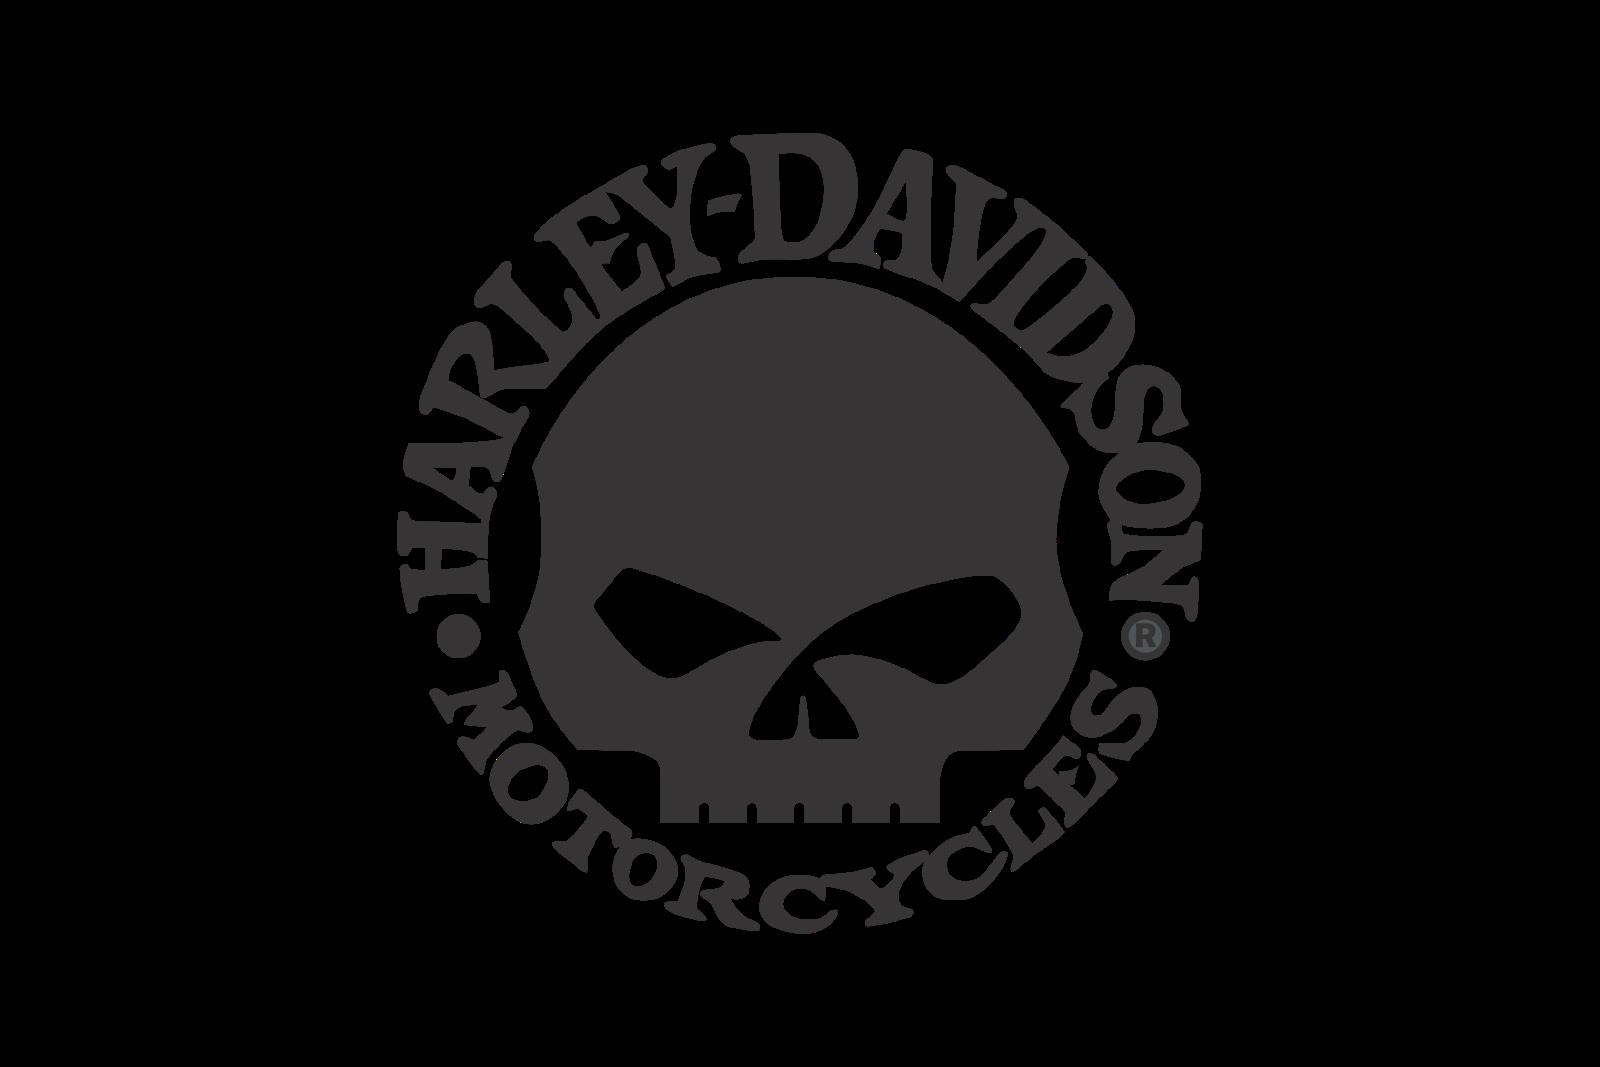 Download harley davidson logo skull png hq png image freepngimg download png image harley davidson logo skull png 992 voltagebd Gallery